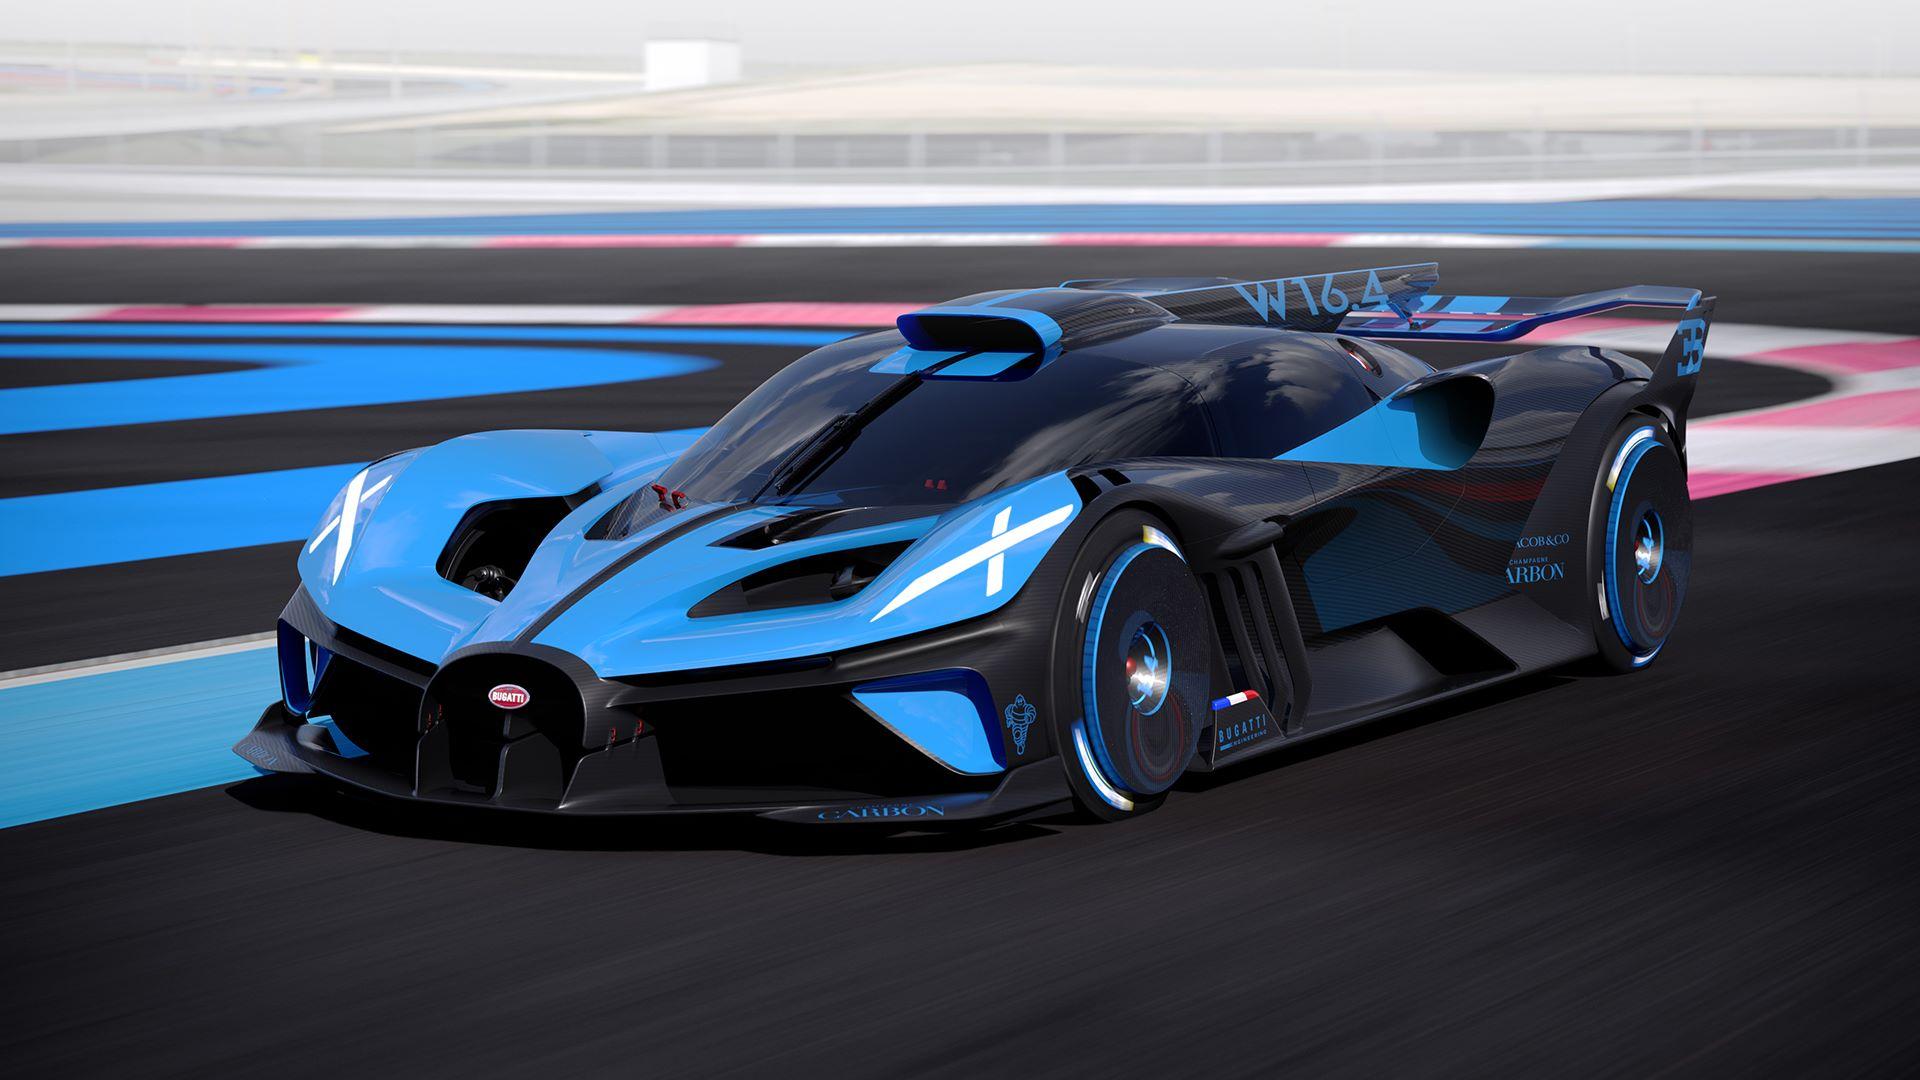 Bugatti-Bolide-concept-2